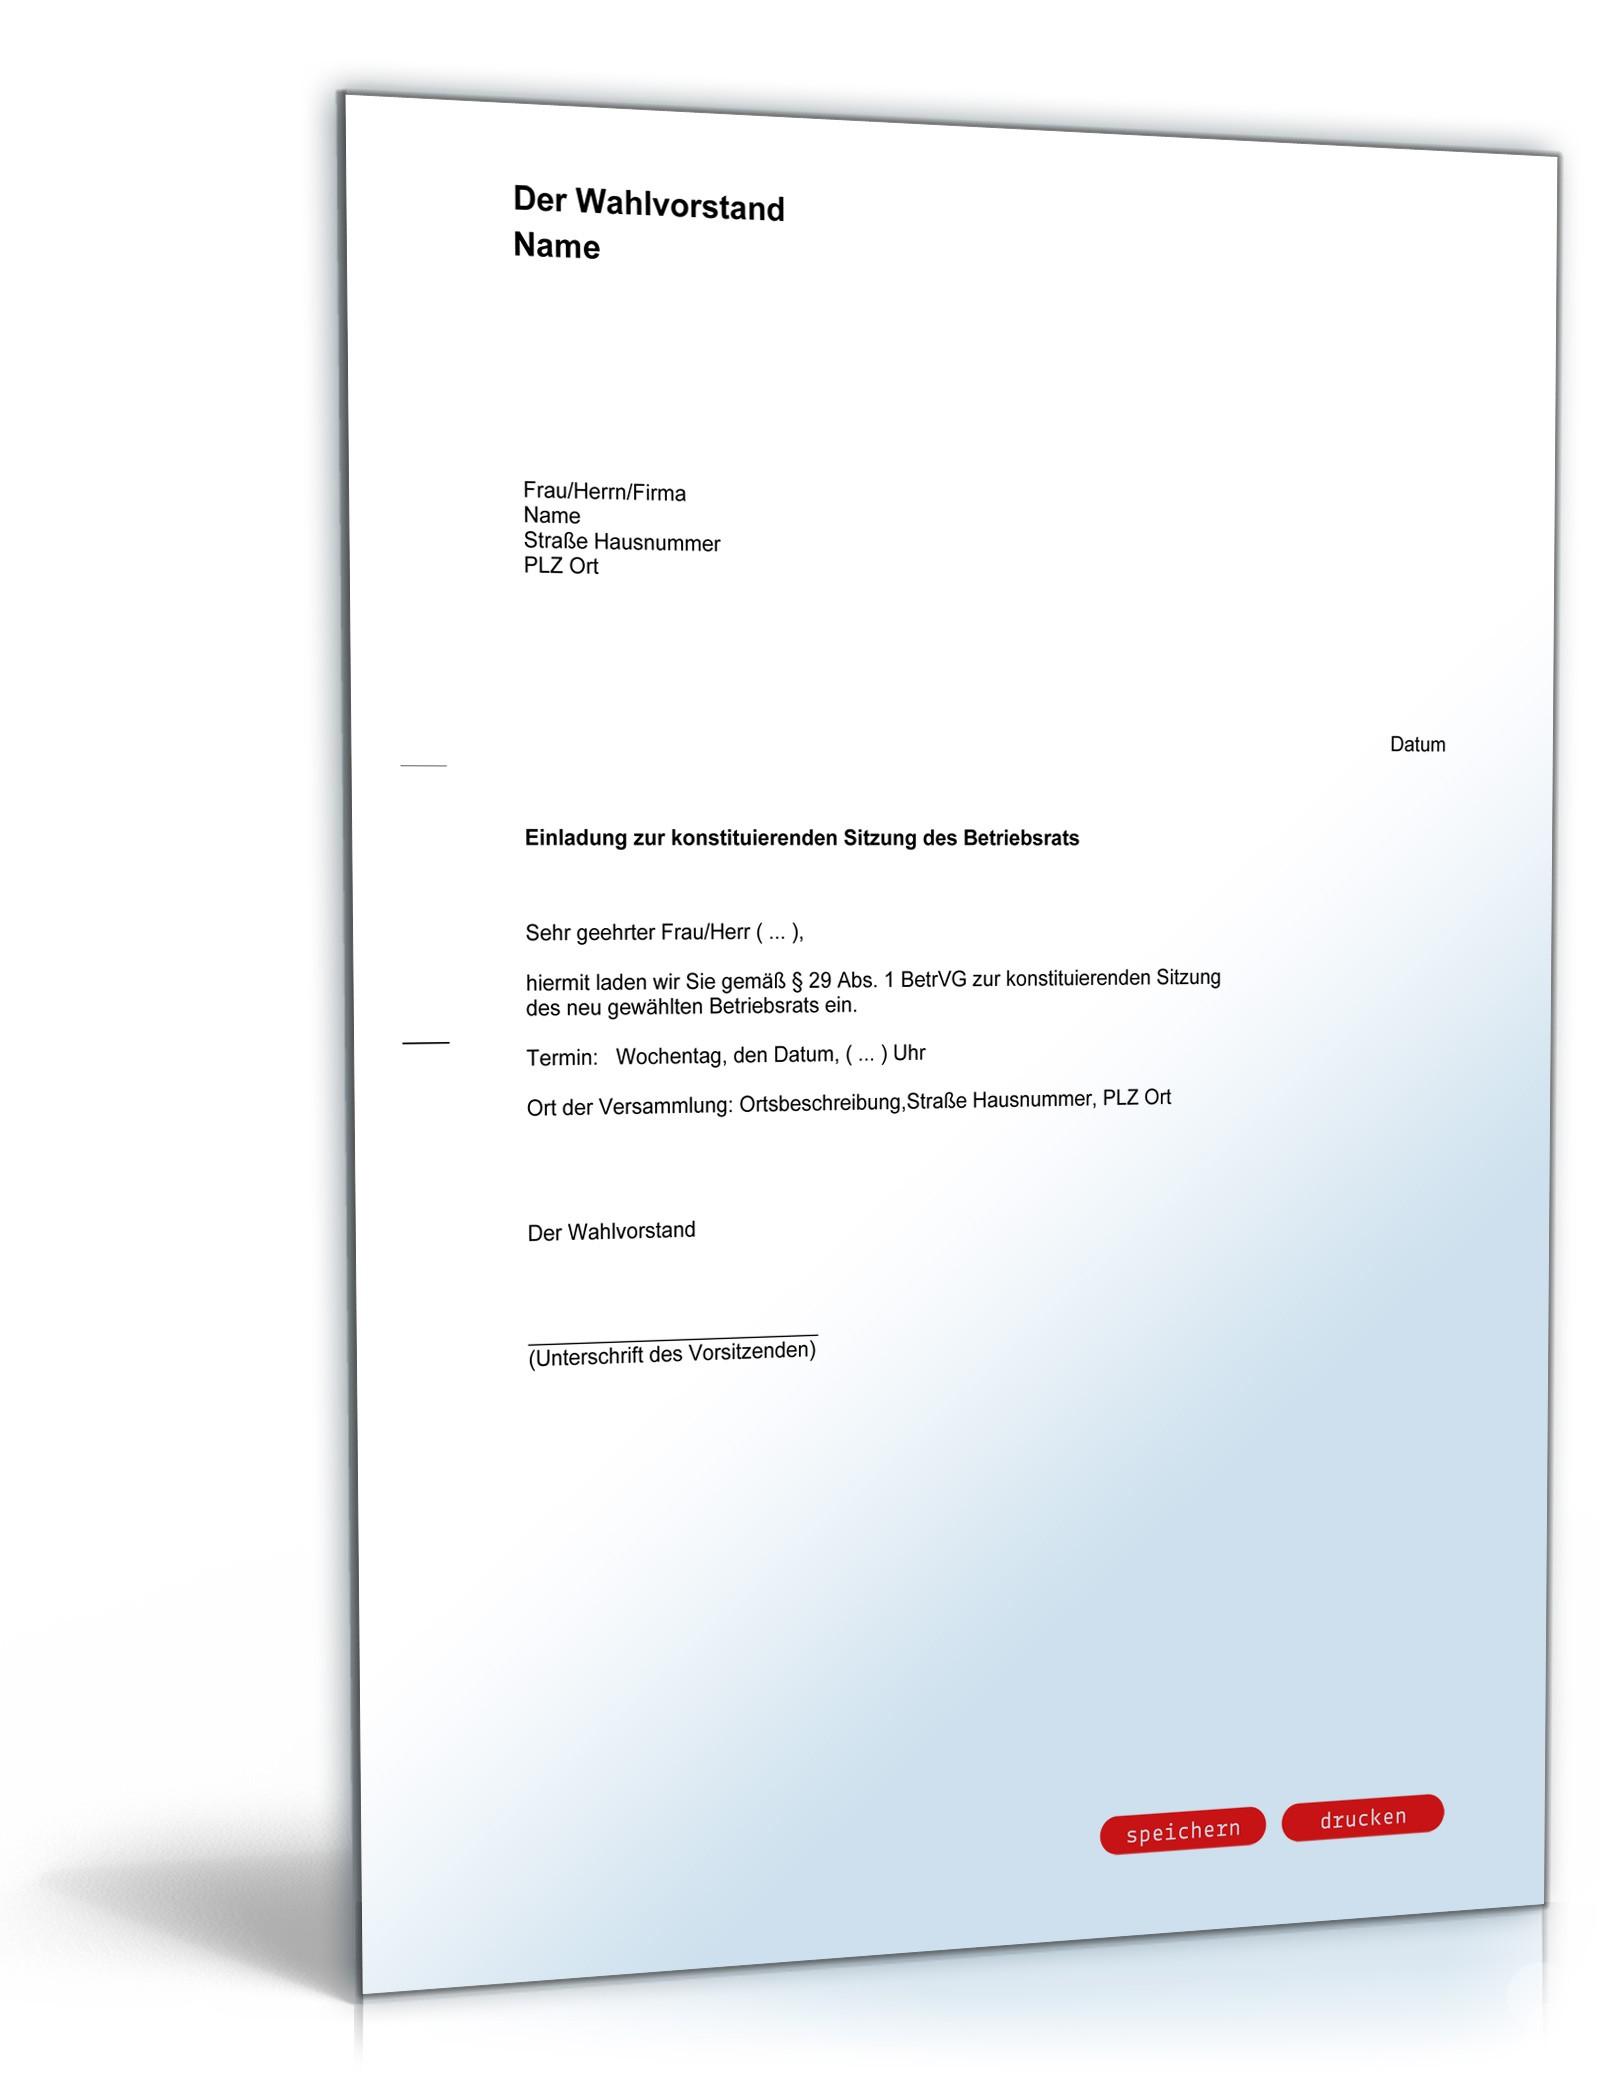 einladung konstituierende sitzung betriebsrat, Einladungen